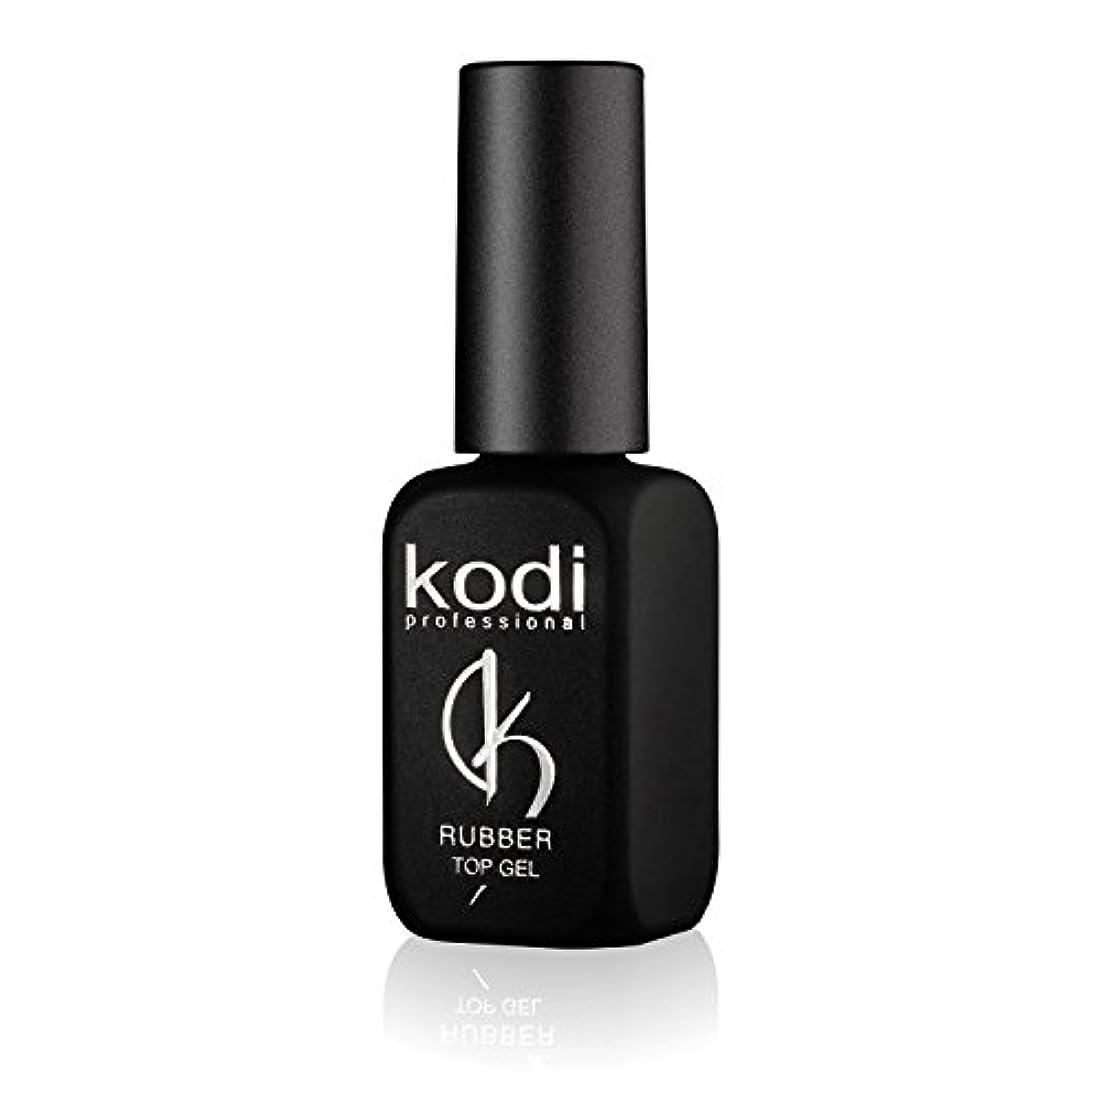 会計士消防士滑りやすいProfessional Rubber Top Gel By Kodi | 12ml 0.42 oz | Soak Off, Polish Fingernails Coat Gel | For Long Lasting...